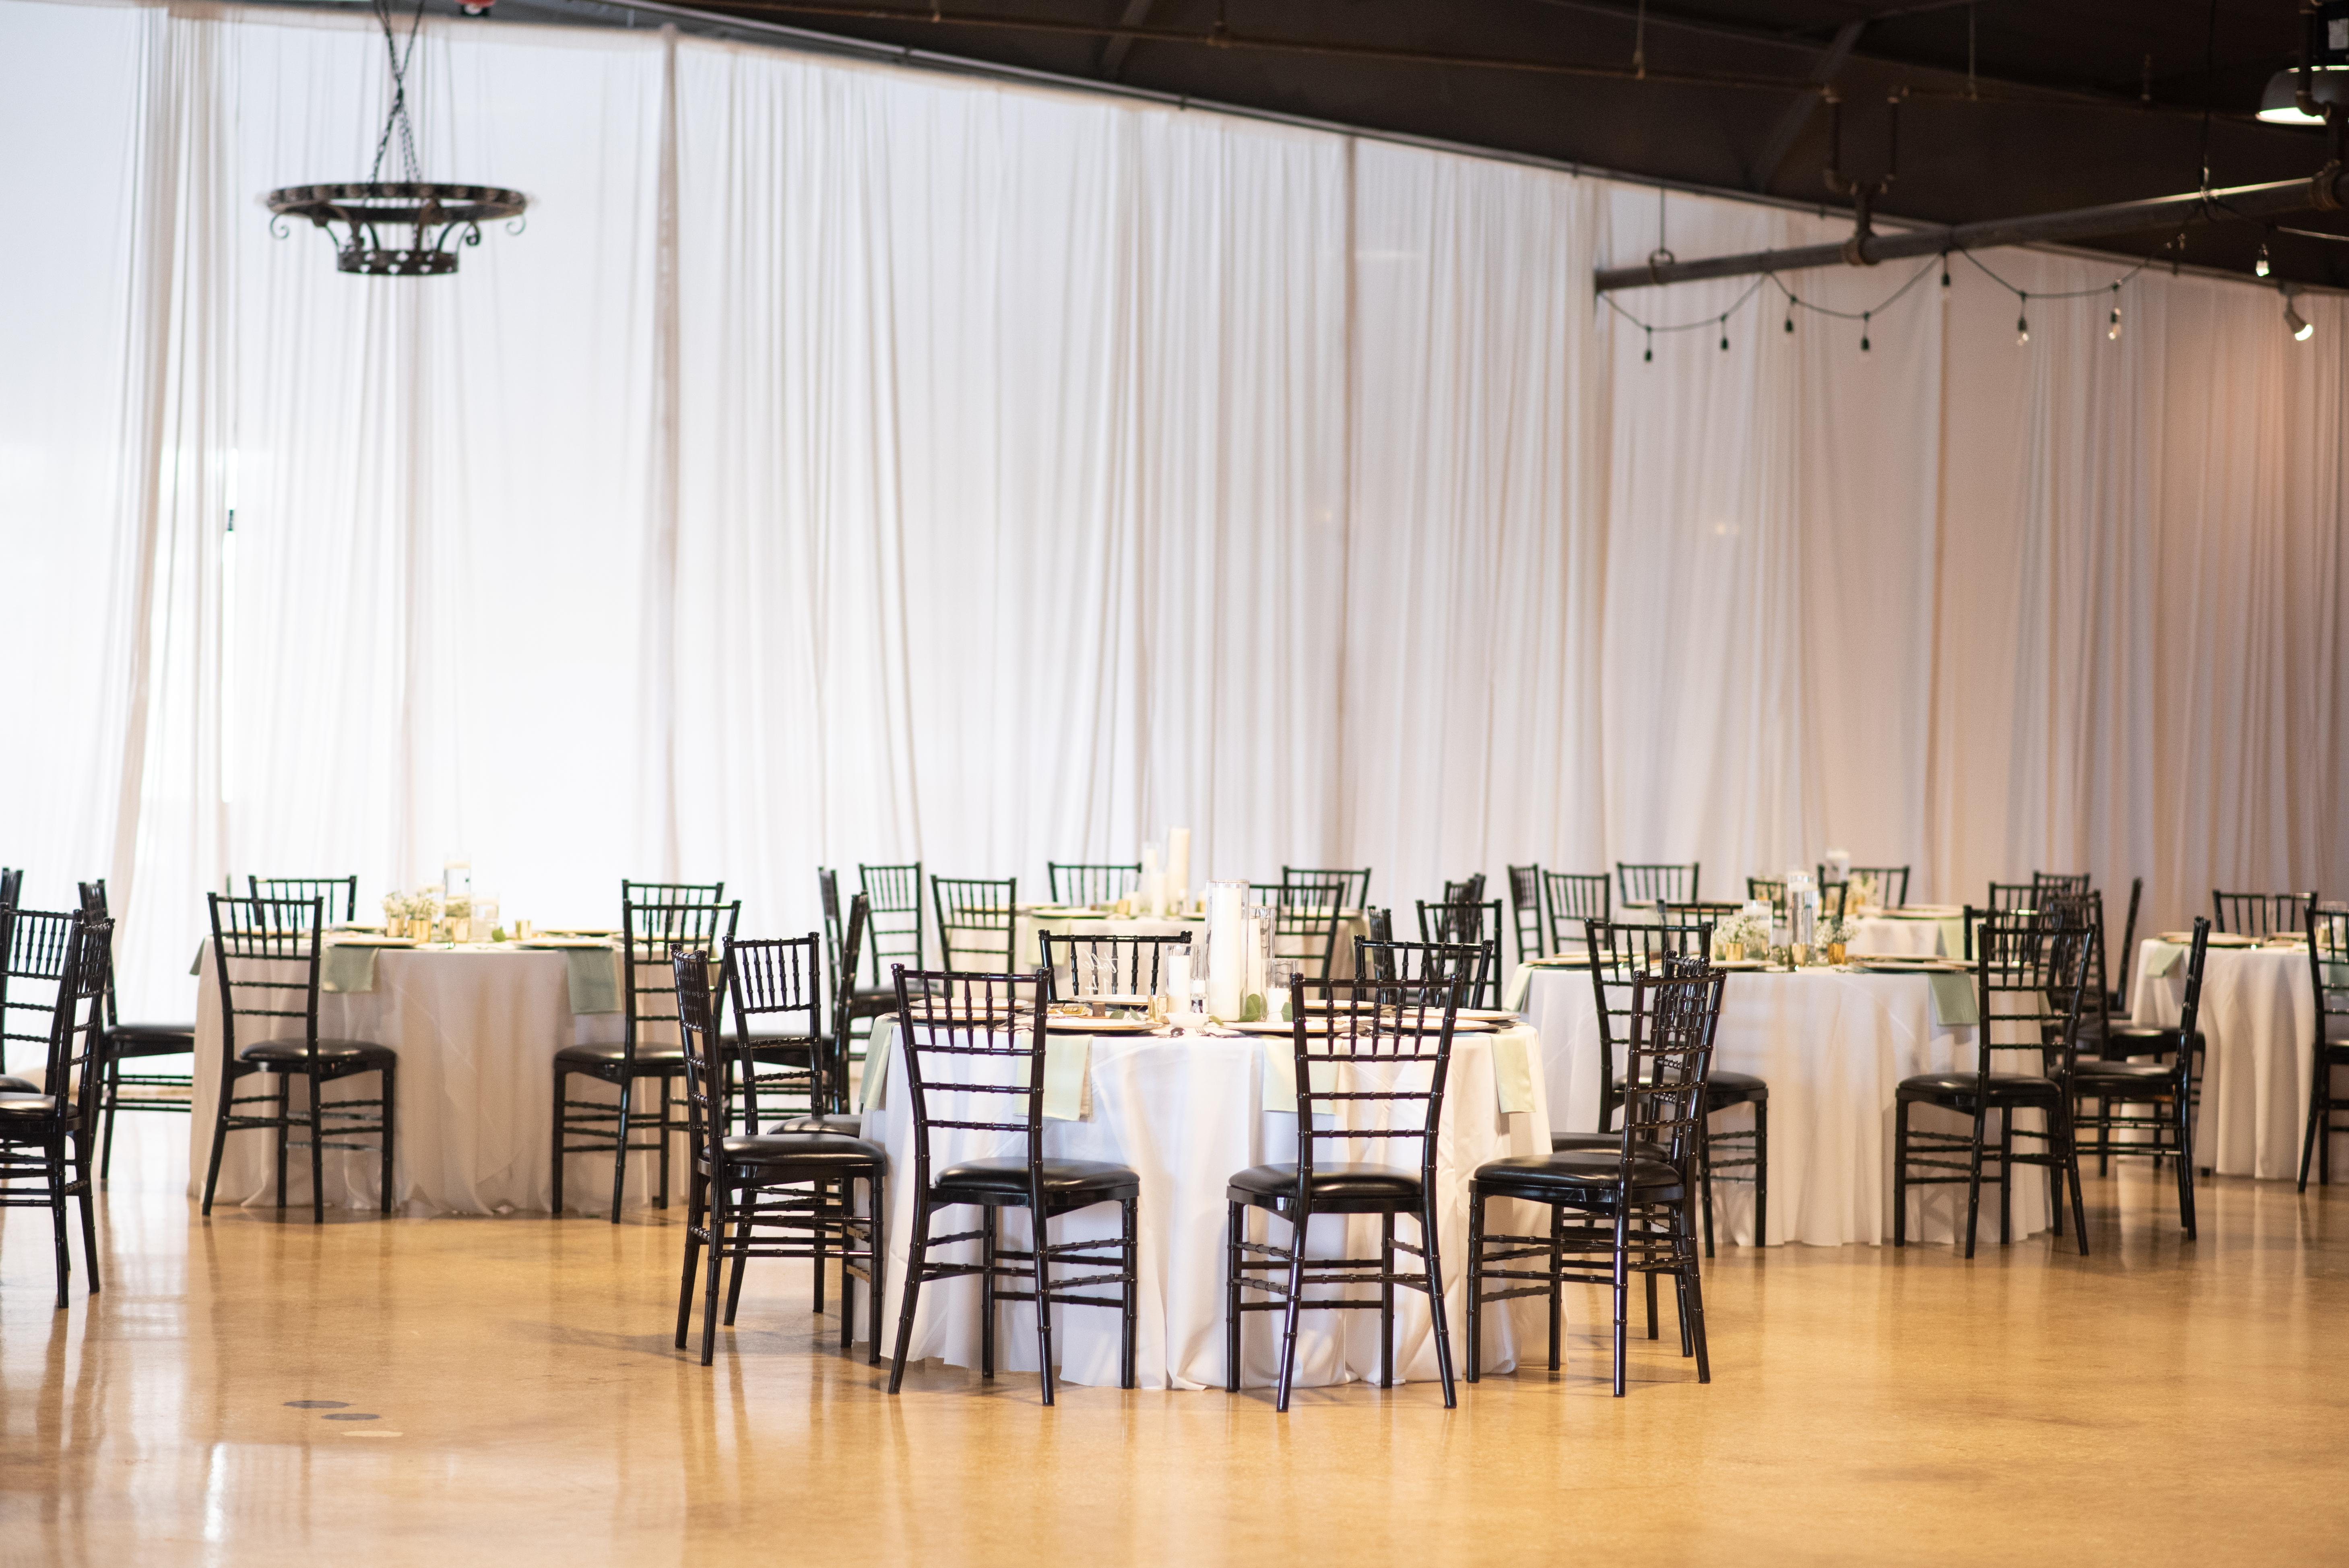 Venue-650-Wedding-Gumiela-02-copy